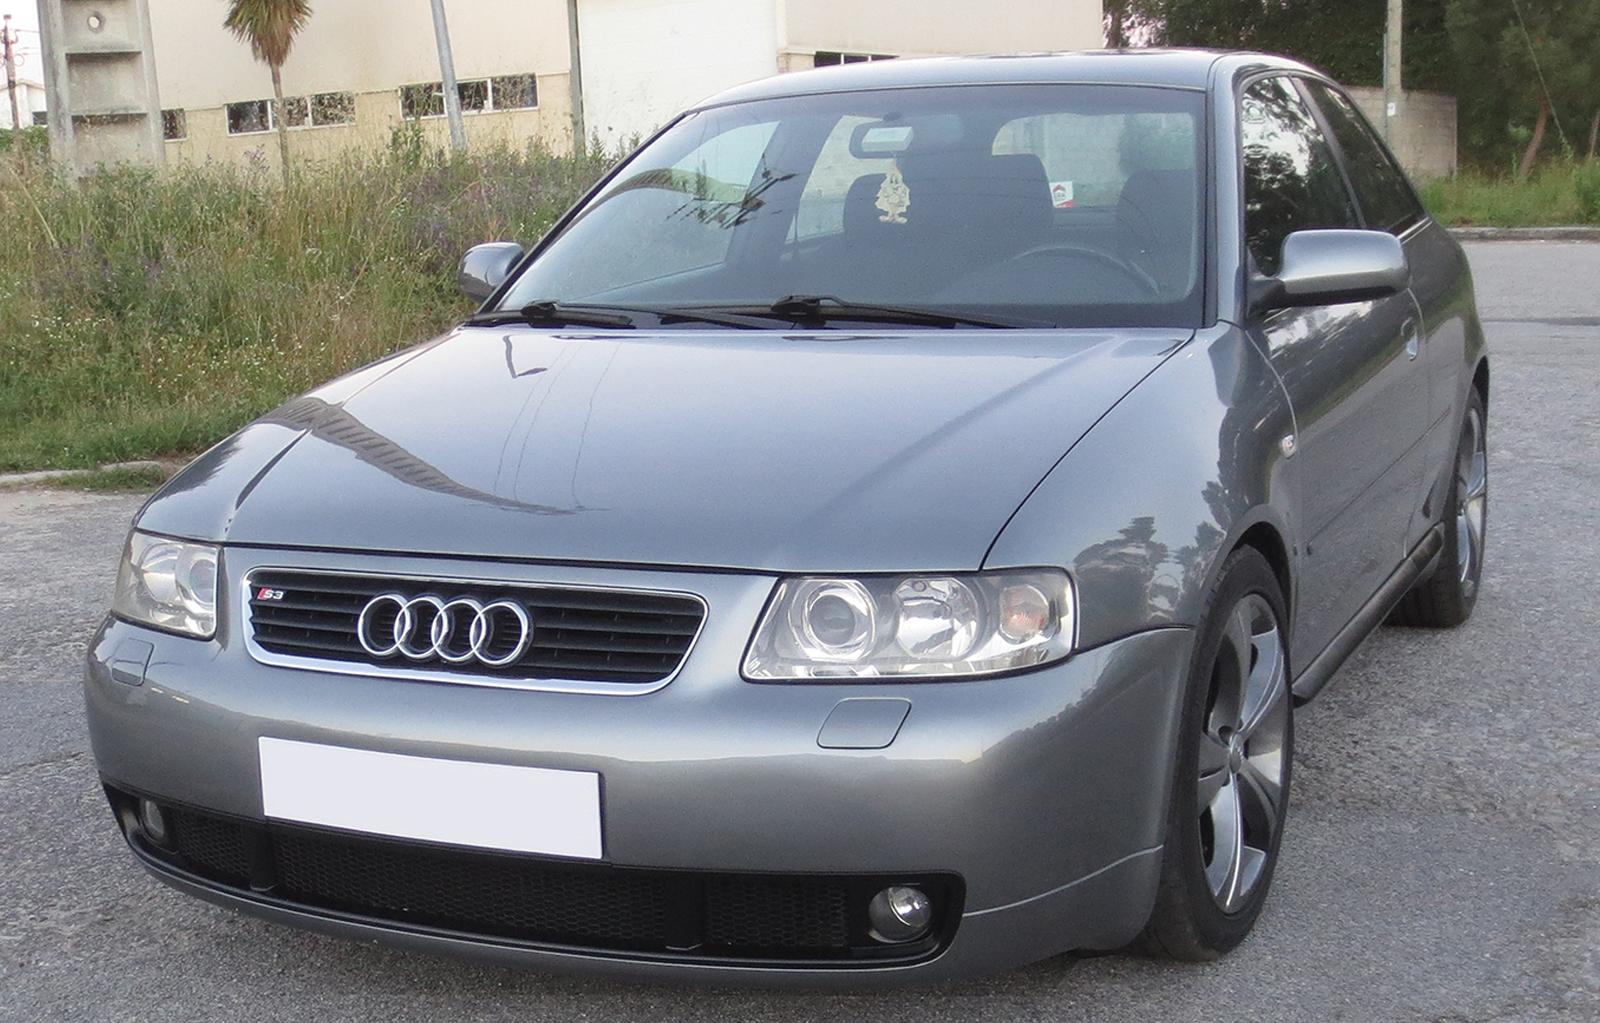 разборка ауди а3 8л, запчасти Audi A3 8L